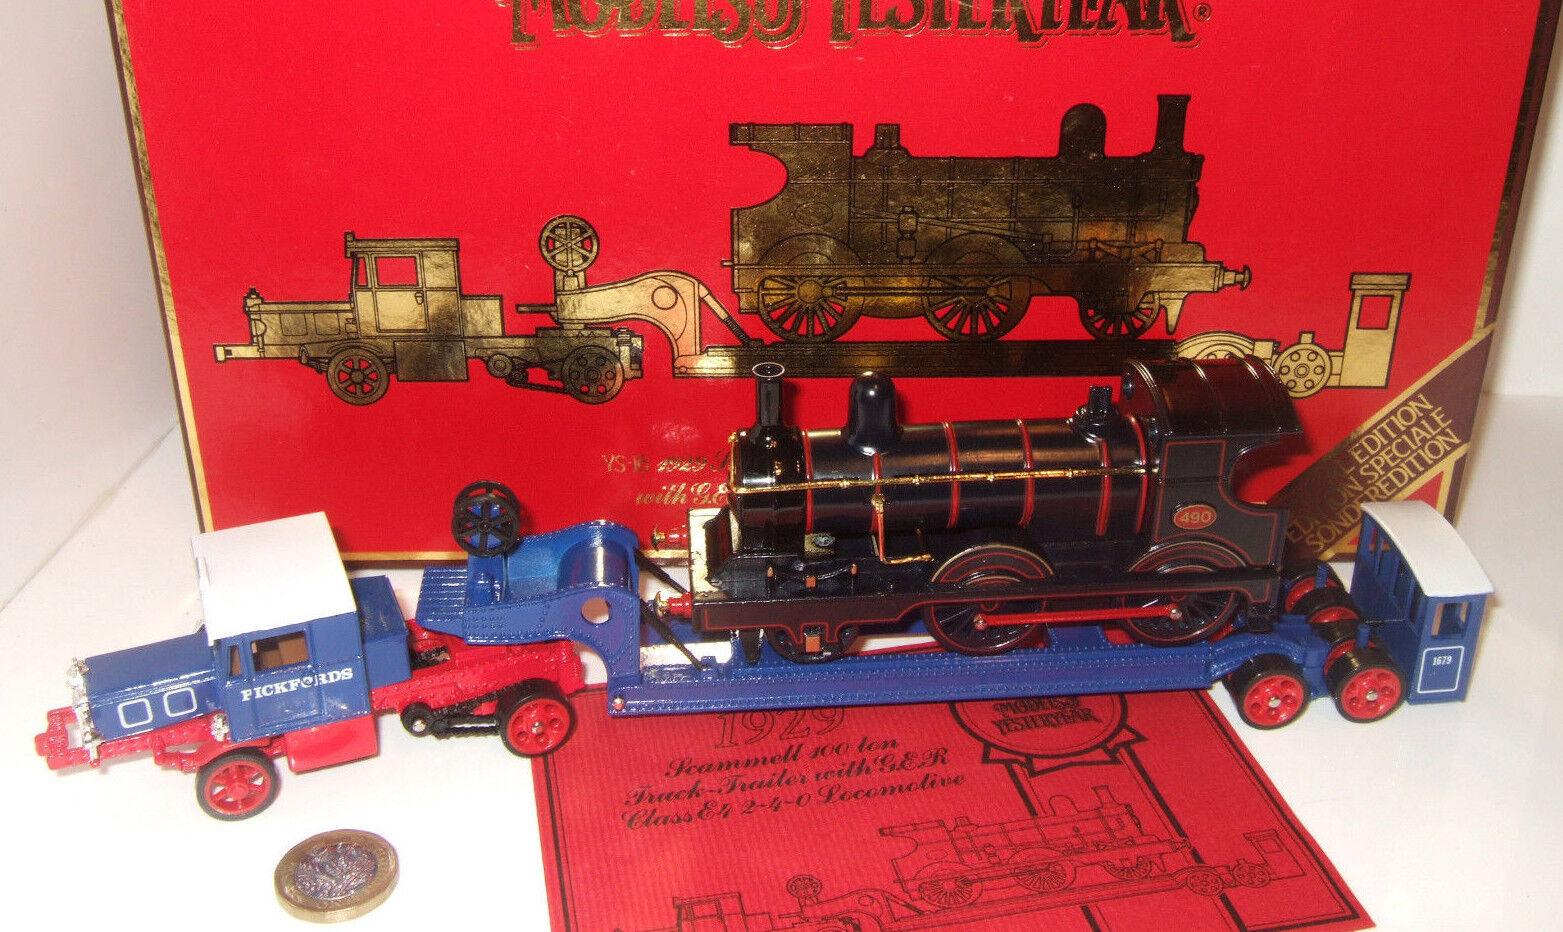 forma única YS-16 1929 Scammell Camión de 100 toneladas-Remolque + + + ger E4 clase 2-4-0 locomotora de Cochega.  Entrega gratuita y rápida disponible.